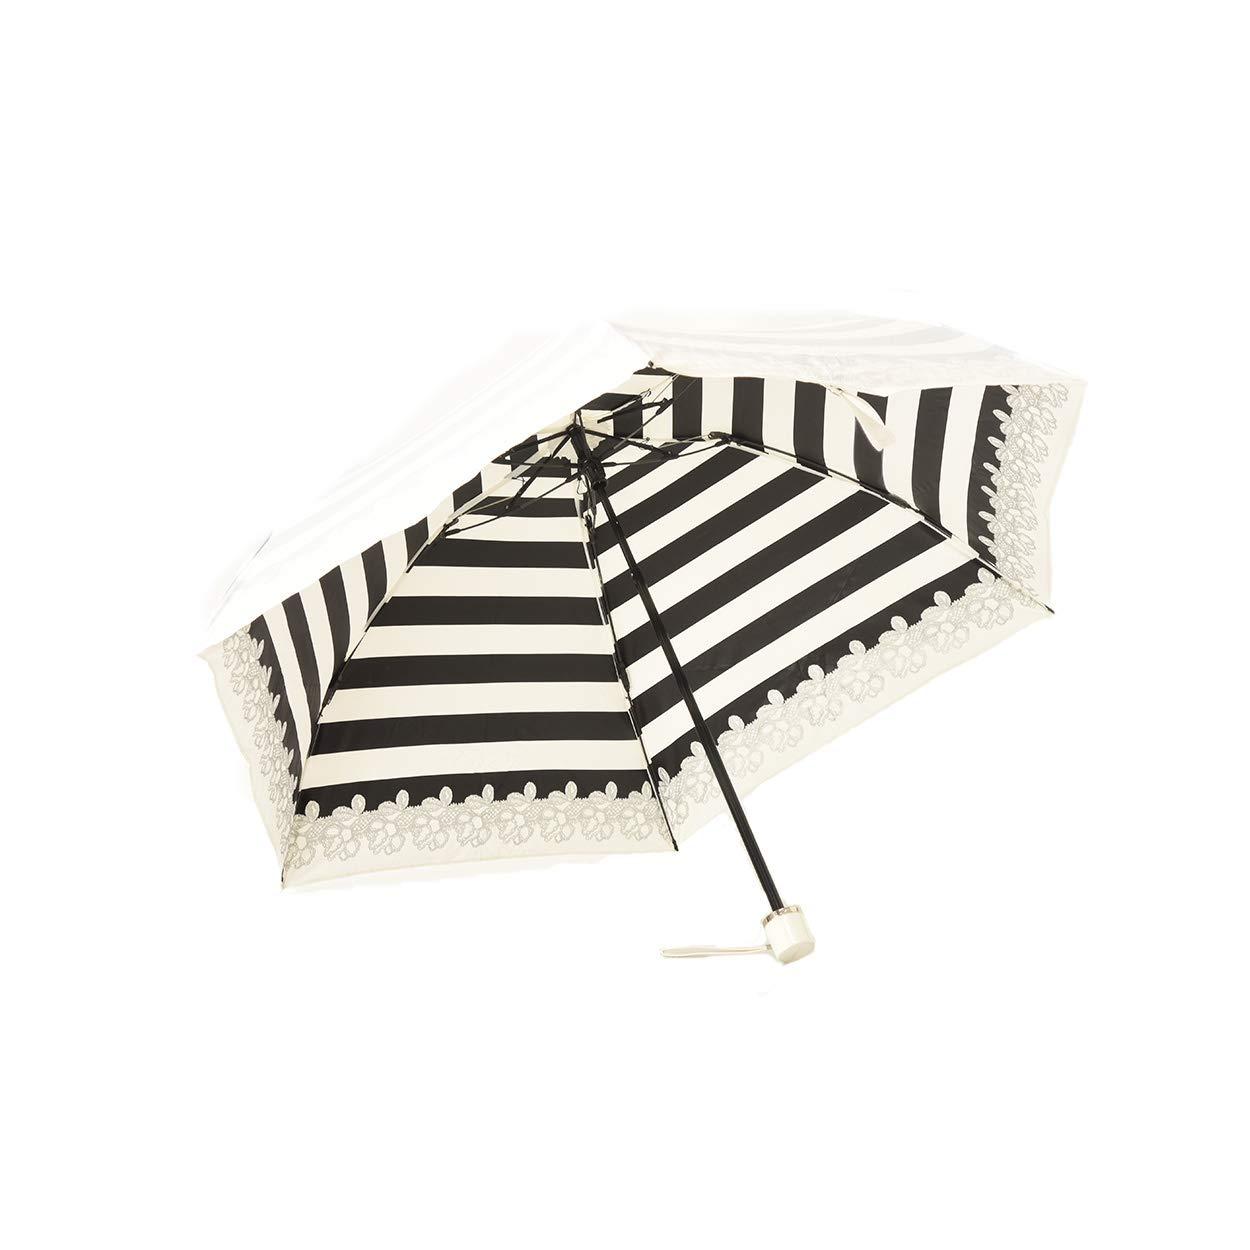 UVION (ユビオン) プレミアム ホワイト 日傘 UVカット マイナス10度 折りたたみ 傘 晴雨兼用 超軽量 50cm 花柄 ボーダー フラワー B07QBC4N3P ブラック